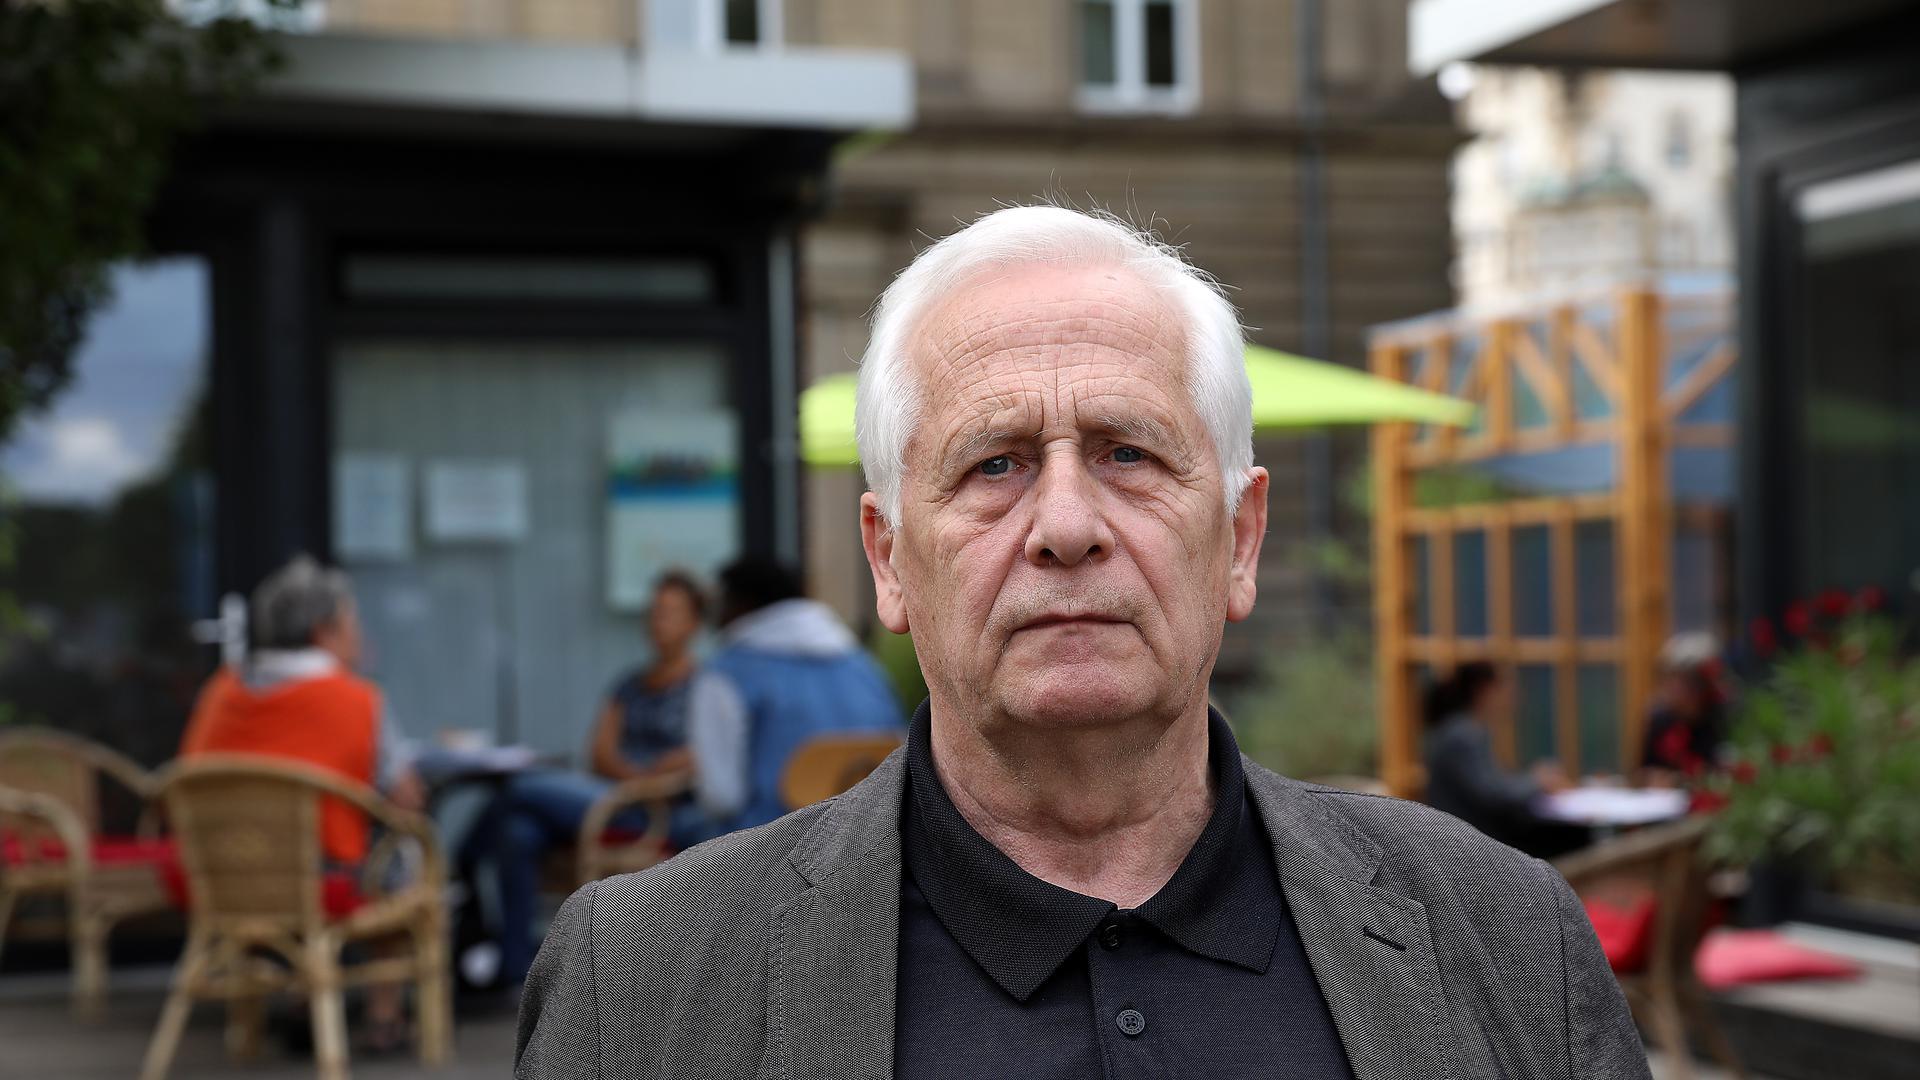 Vor der Lernbox am Alten Schlachthof Karlsruhe steht Lüppo Cramer. Er ist Stadtrat der Karlsruher Liste (KAL) und engagiert in der Flüchtlingshilfe Karlsruhe. Cramer will erreichen, dass Frauen und Familien aus Afghanistan in Karlsruhe ein neues Leben anfangen können.